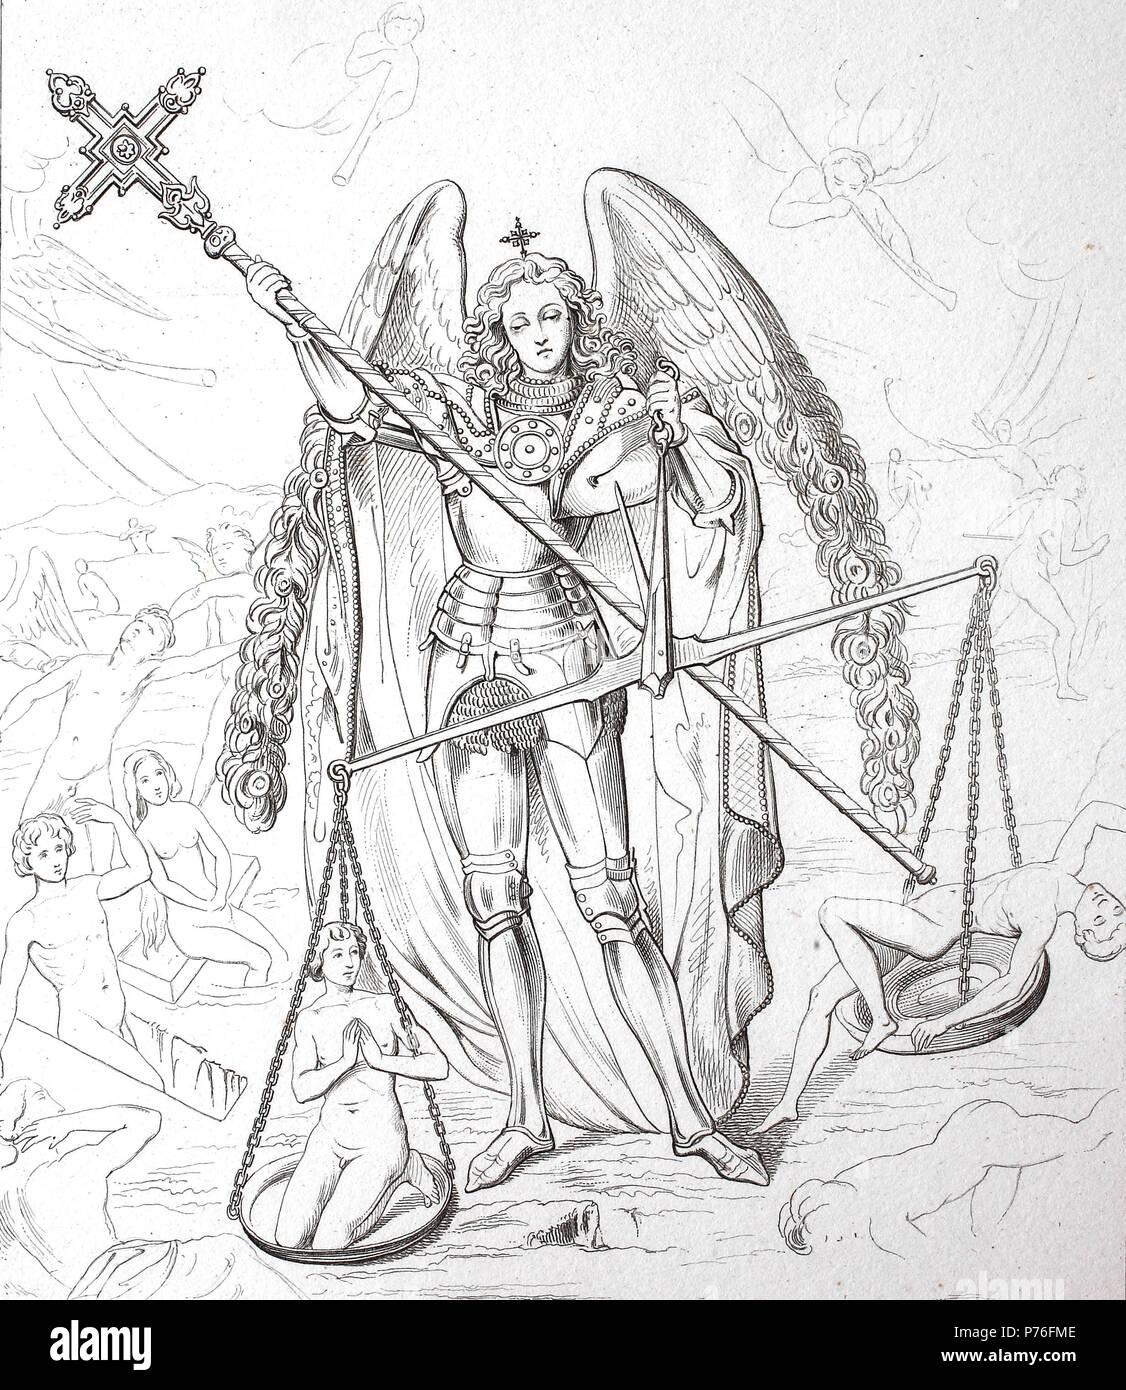 Archangel Saint Michael Stock Photos Archangel Saint Michael Stock